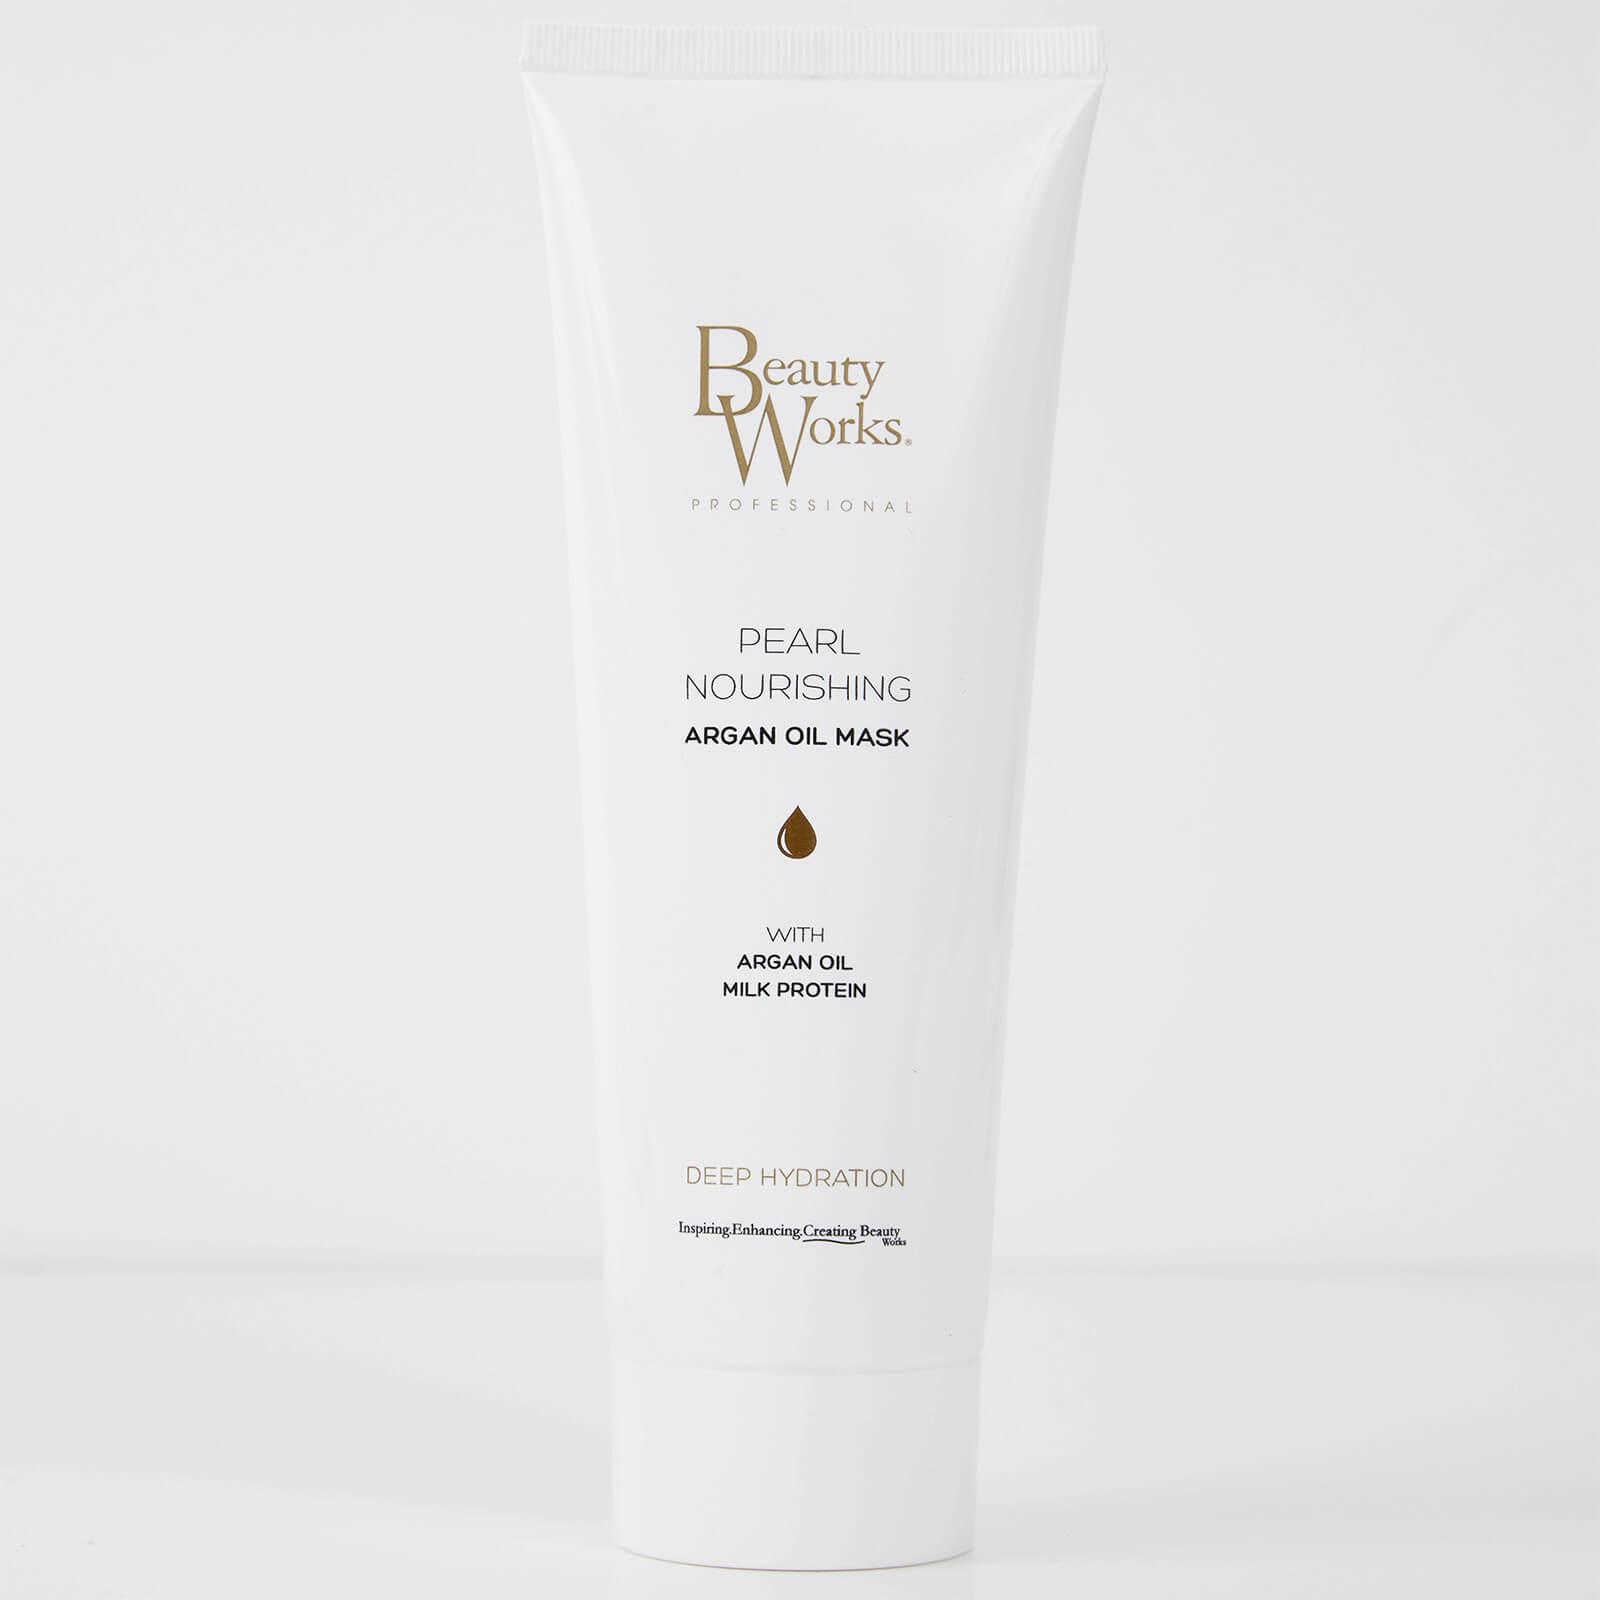 Купить Питательная маска для волос с аргановым маслом Beauty Works Pearl Nourishing Argan Oil Mask